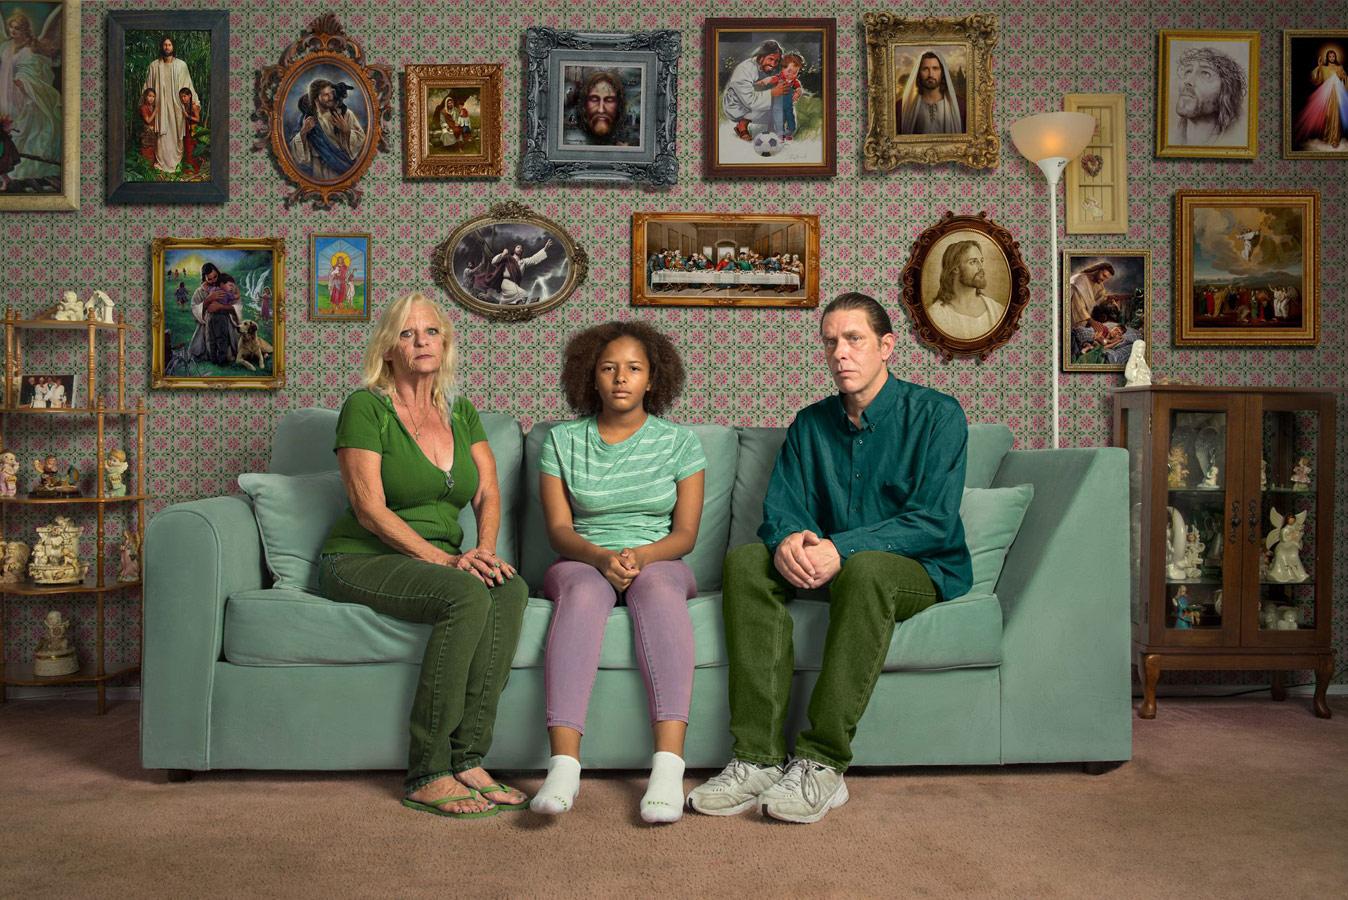 Семья, © Кремер Джонсон, США, 1 место, Фотоконкурс «Портрет» — LensCulture Portrait Awards